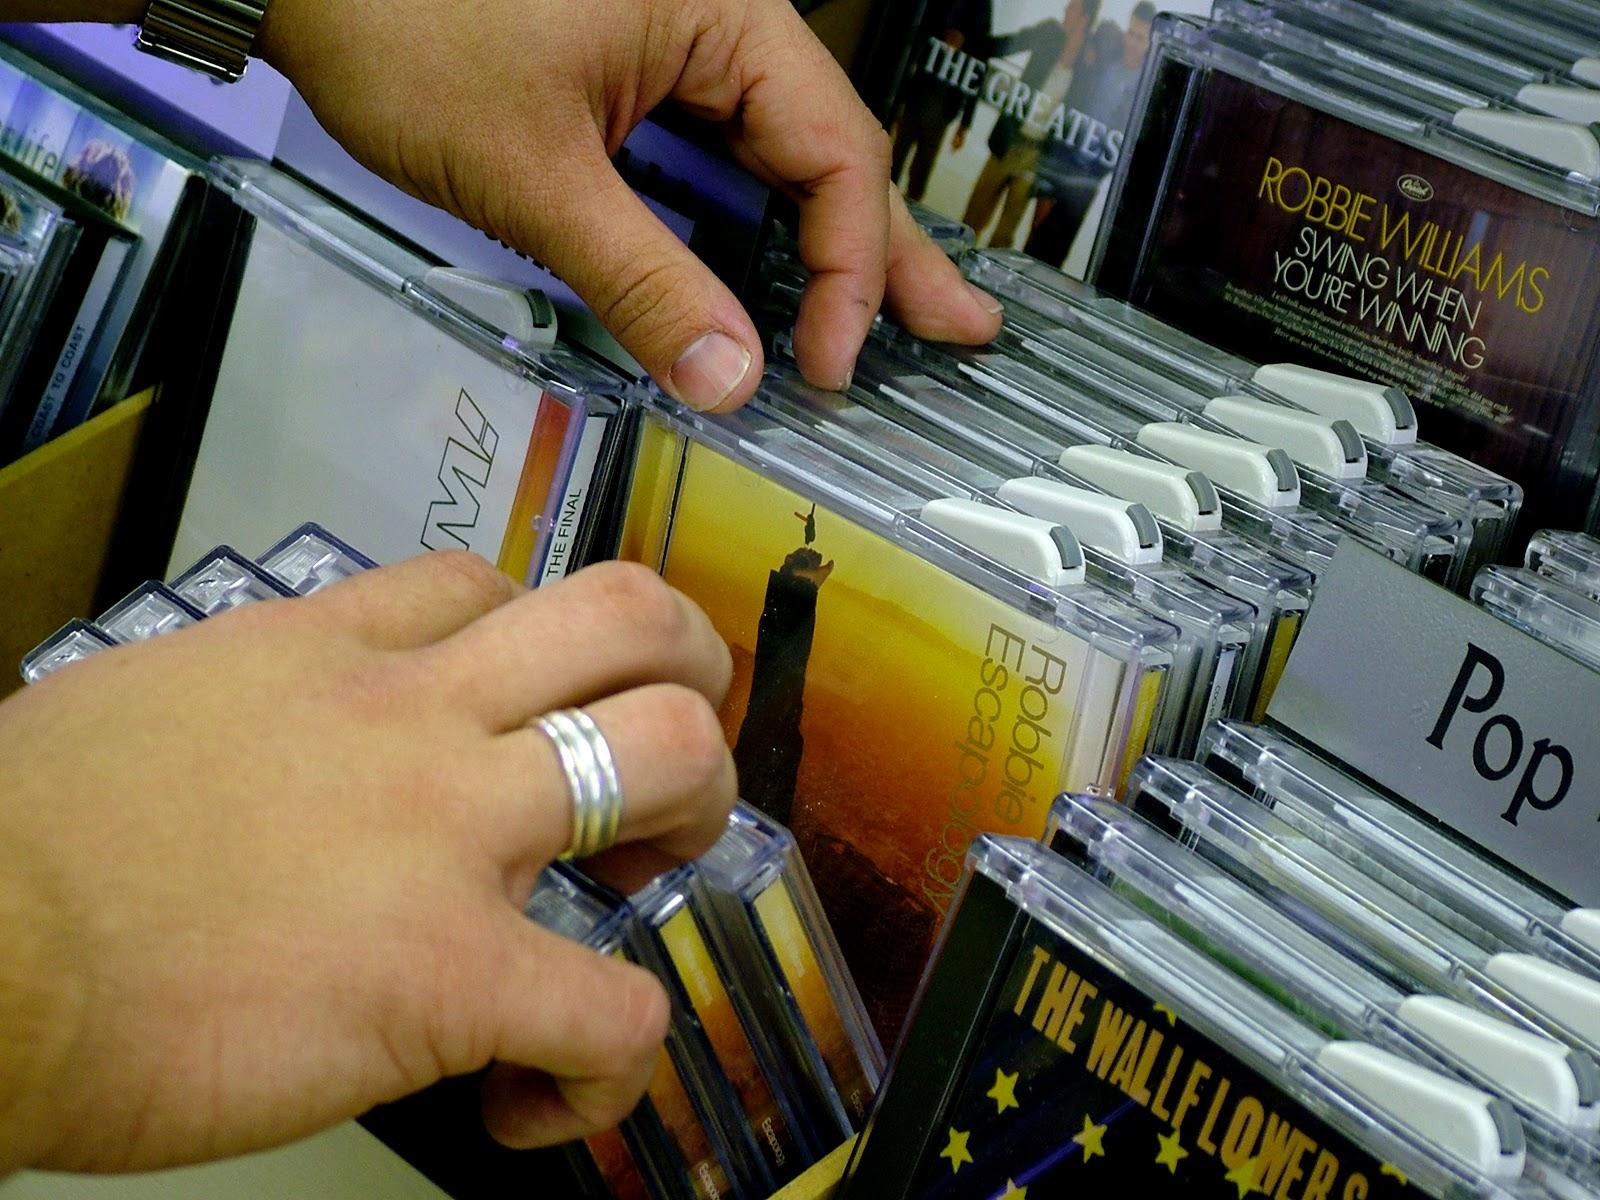 El negocio de la industria discográfica es el que ha sufrido mayores cambios con el desarrollo de Internet.